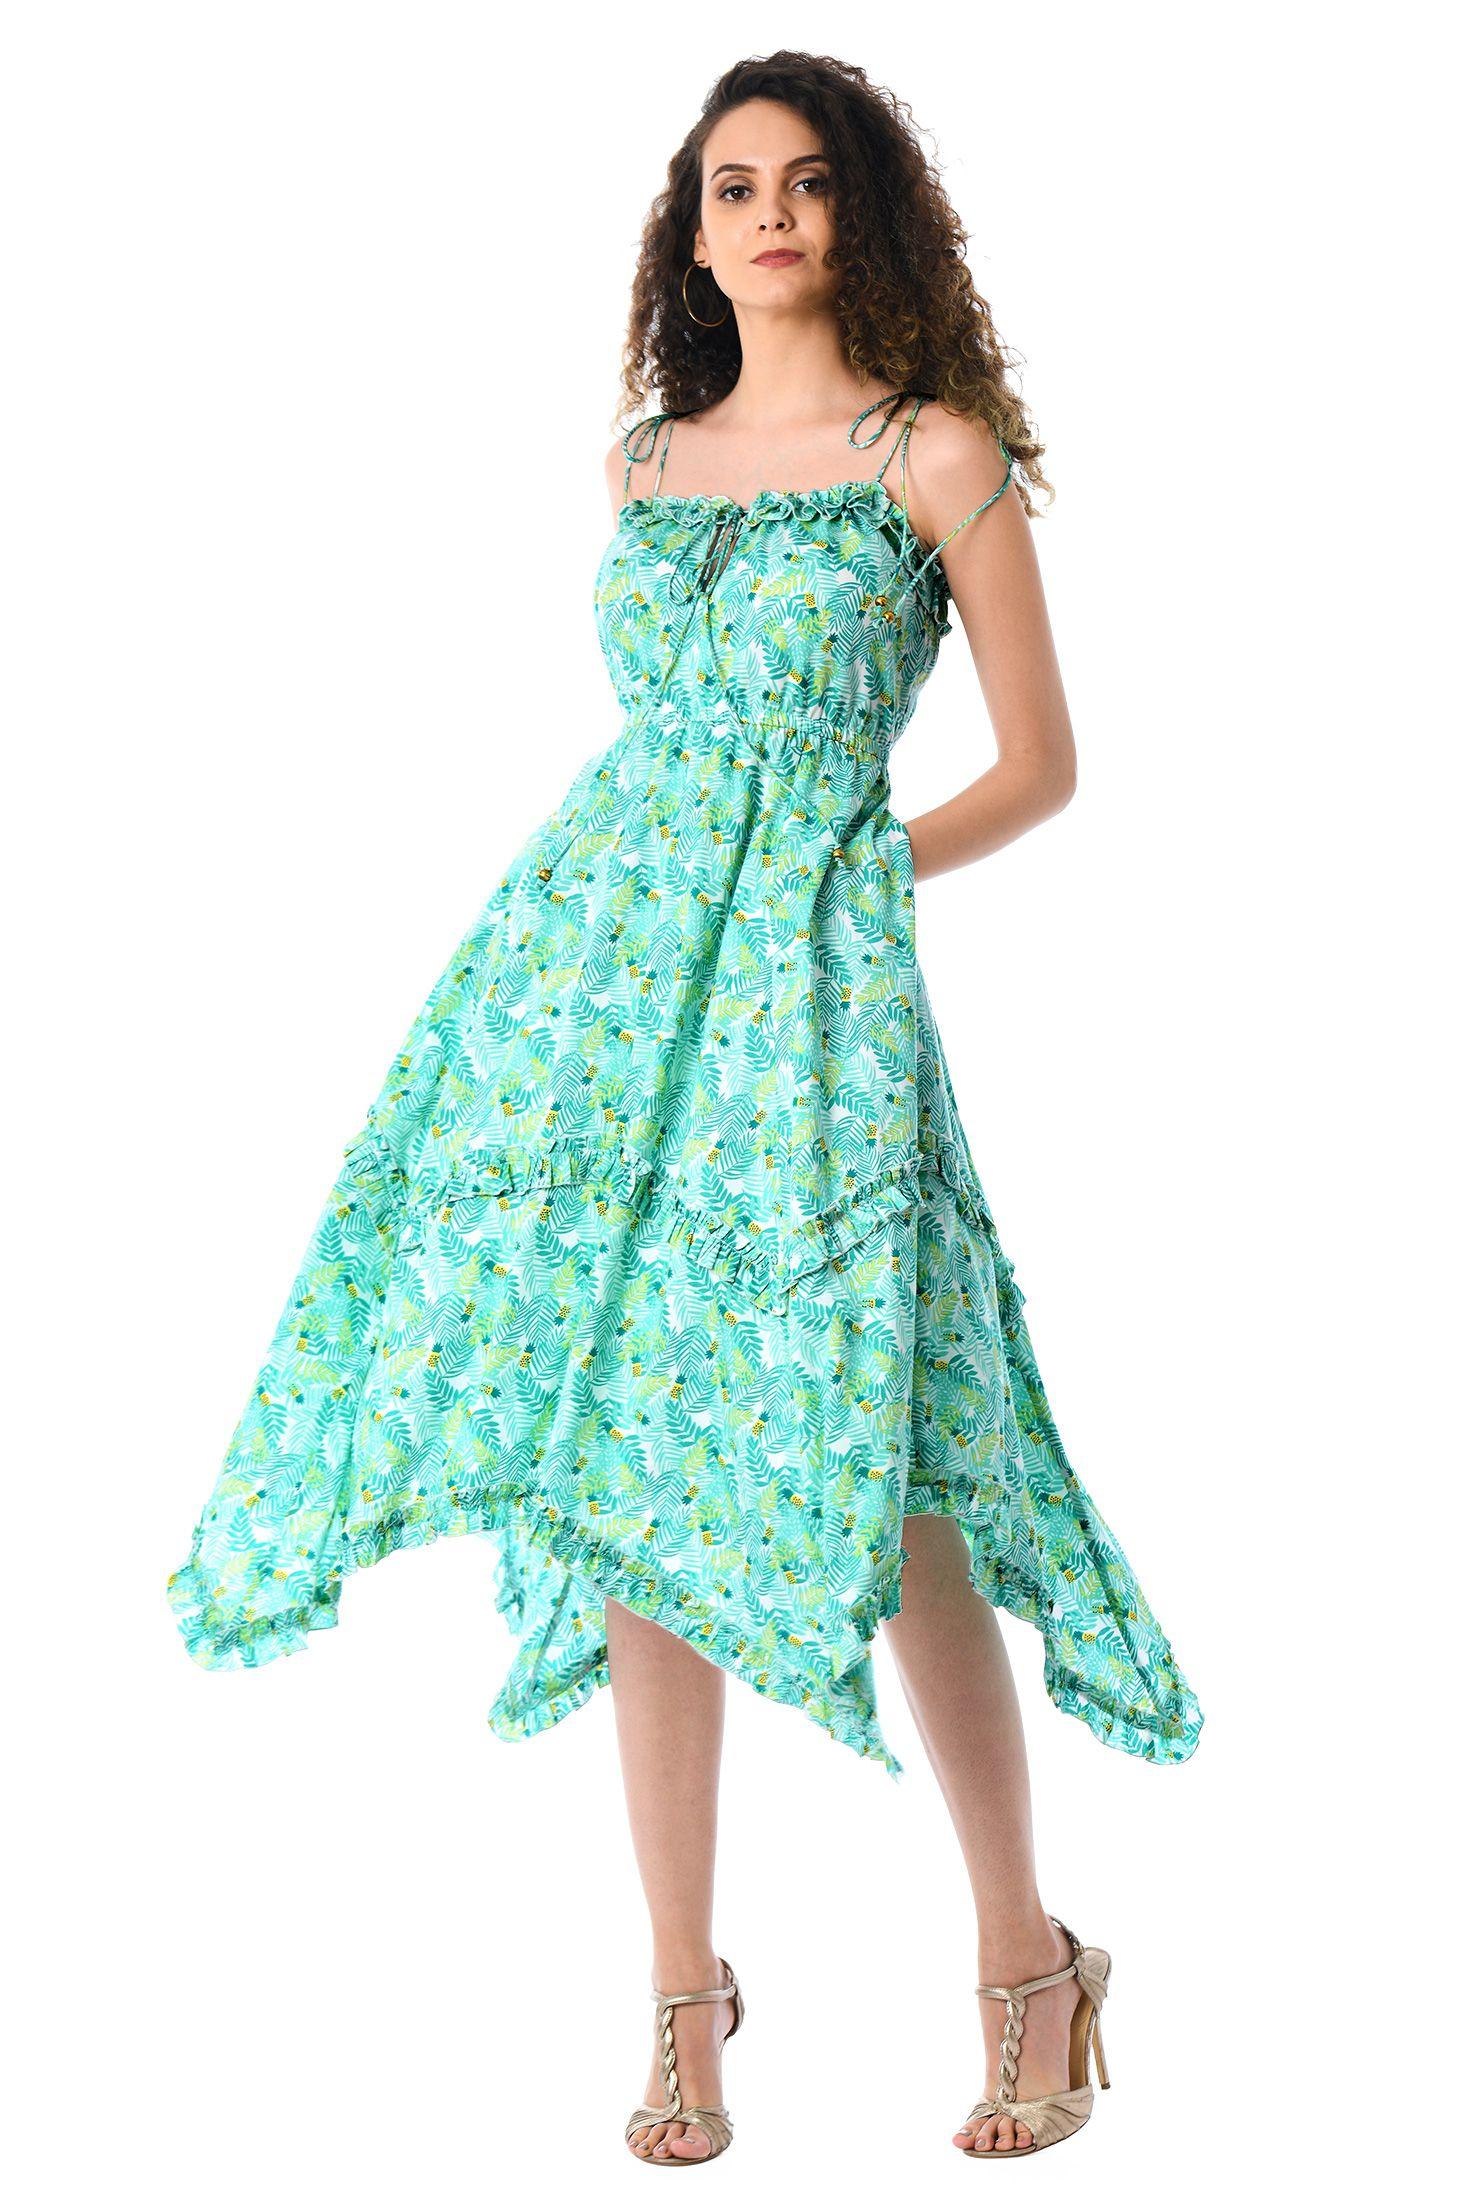 22e75bb5945 Online store of women s dresses